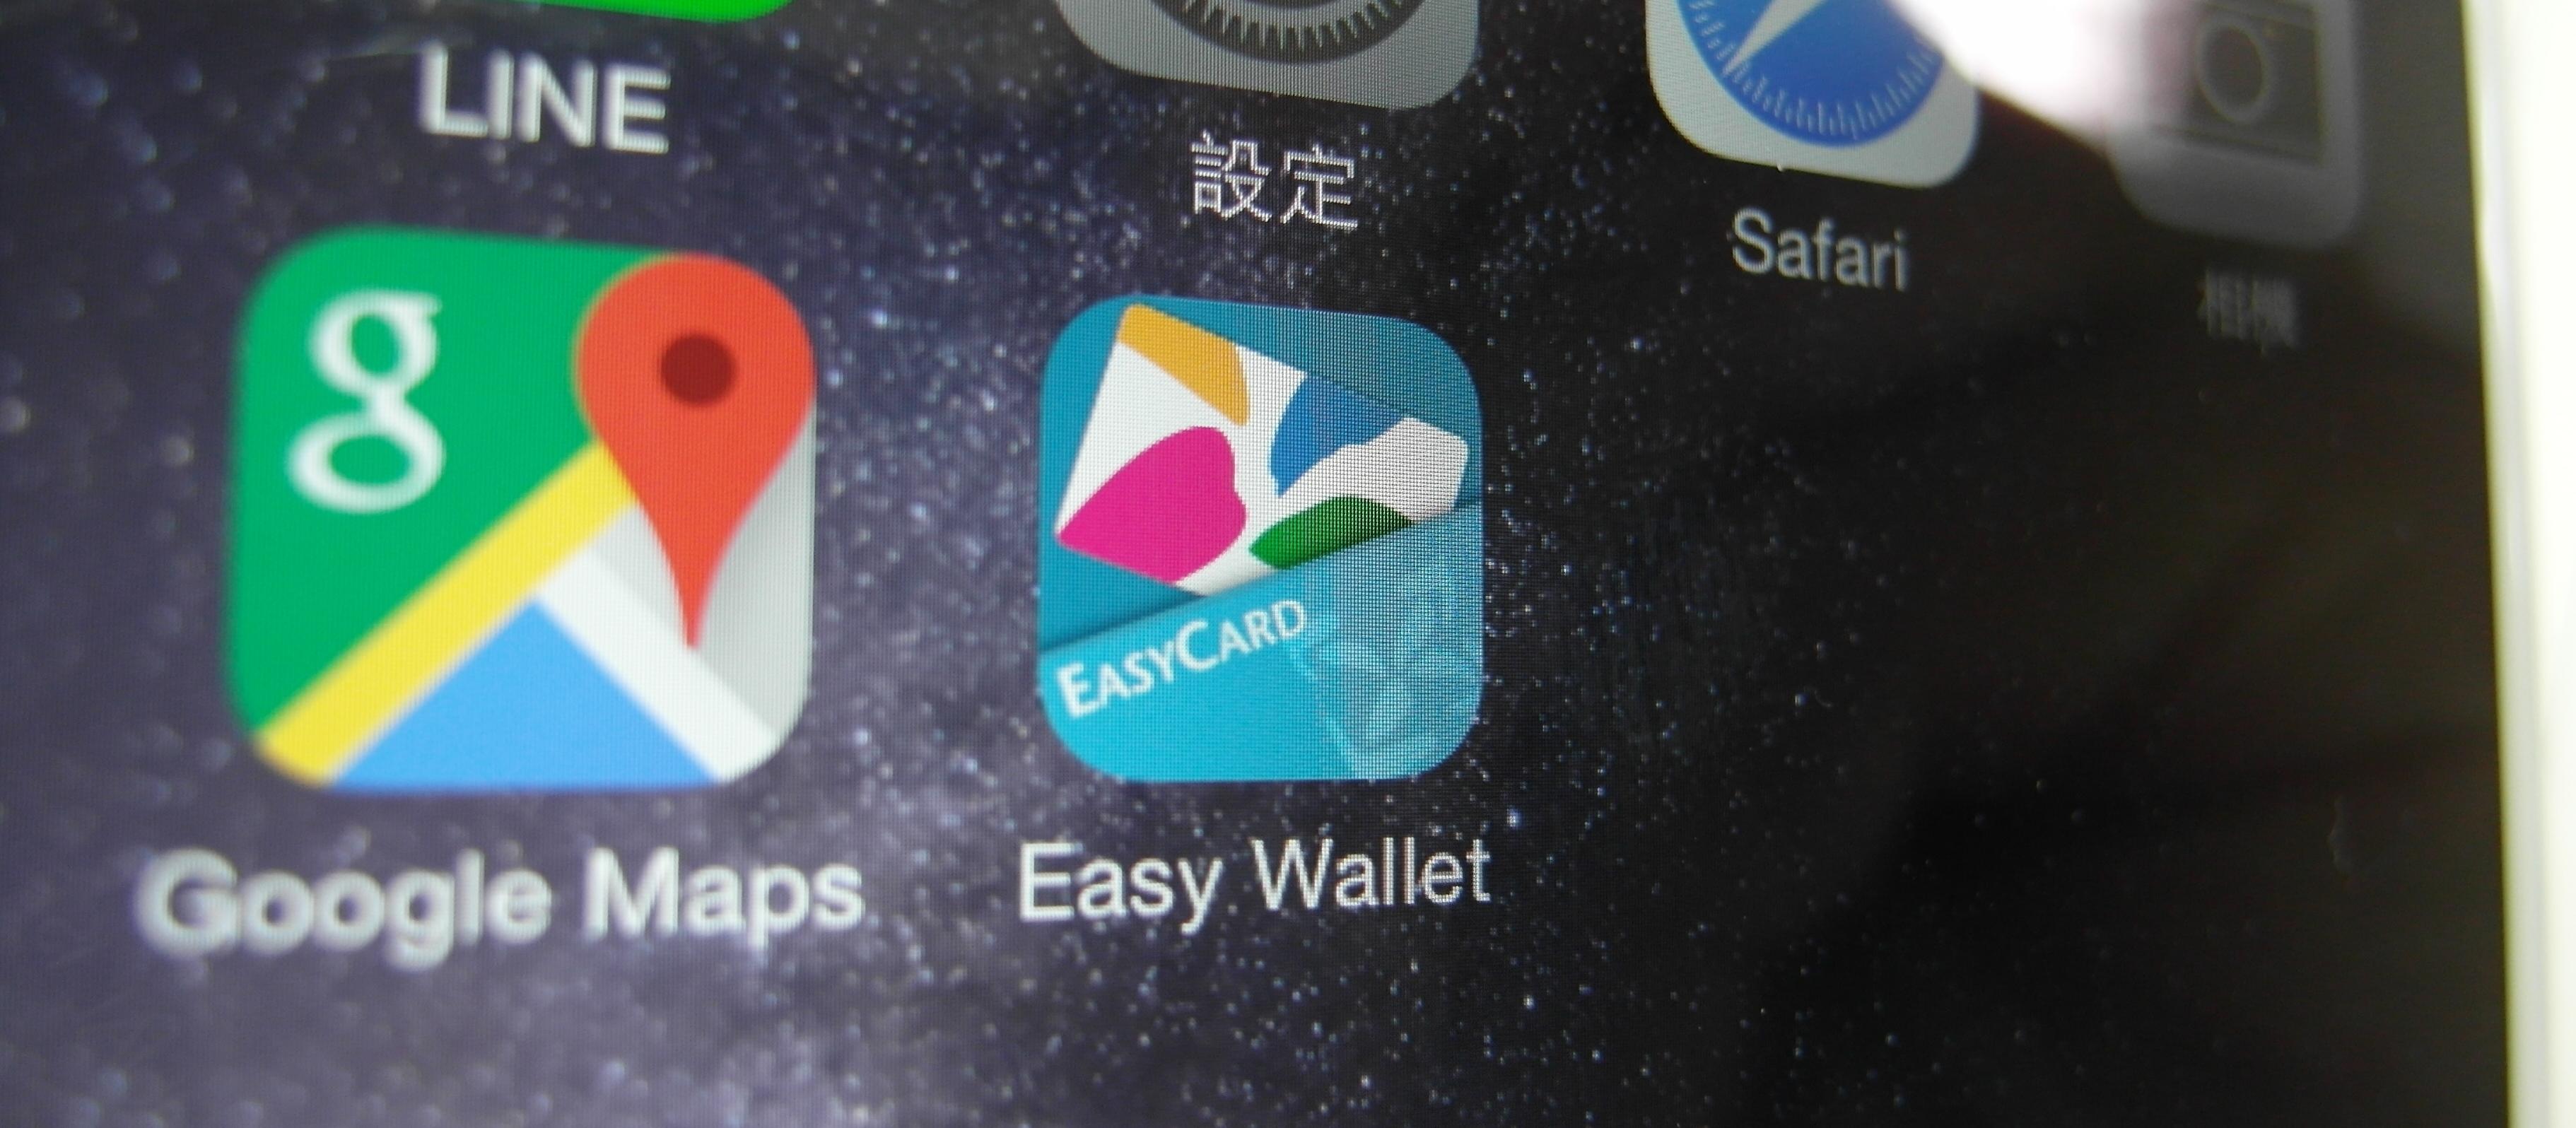 悠遊卡Easy Wallet重新上架,刷機用戶無法使用,將重新徵選開發商